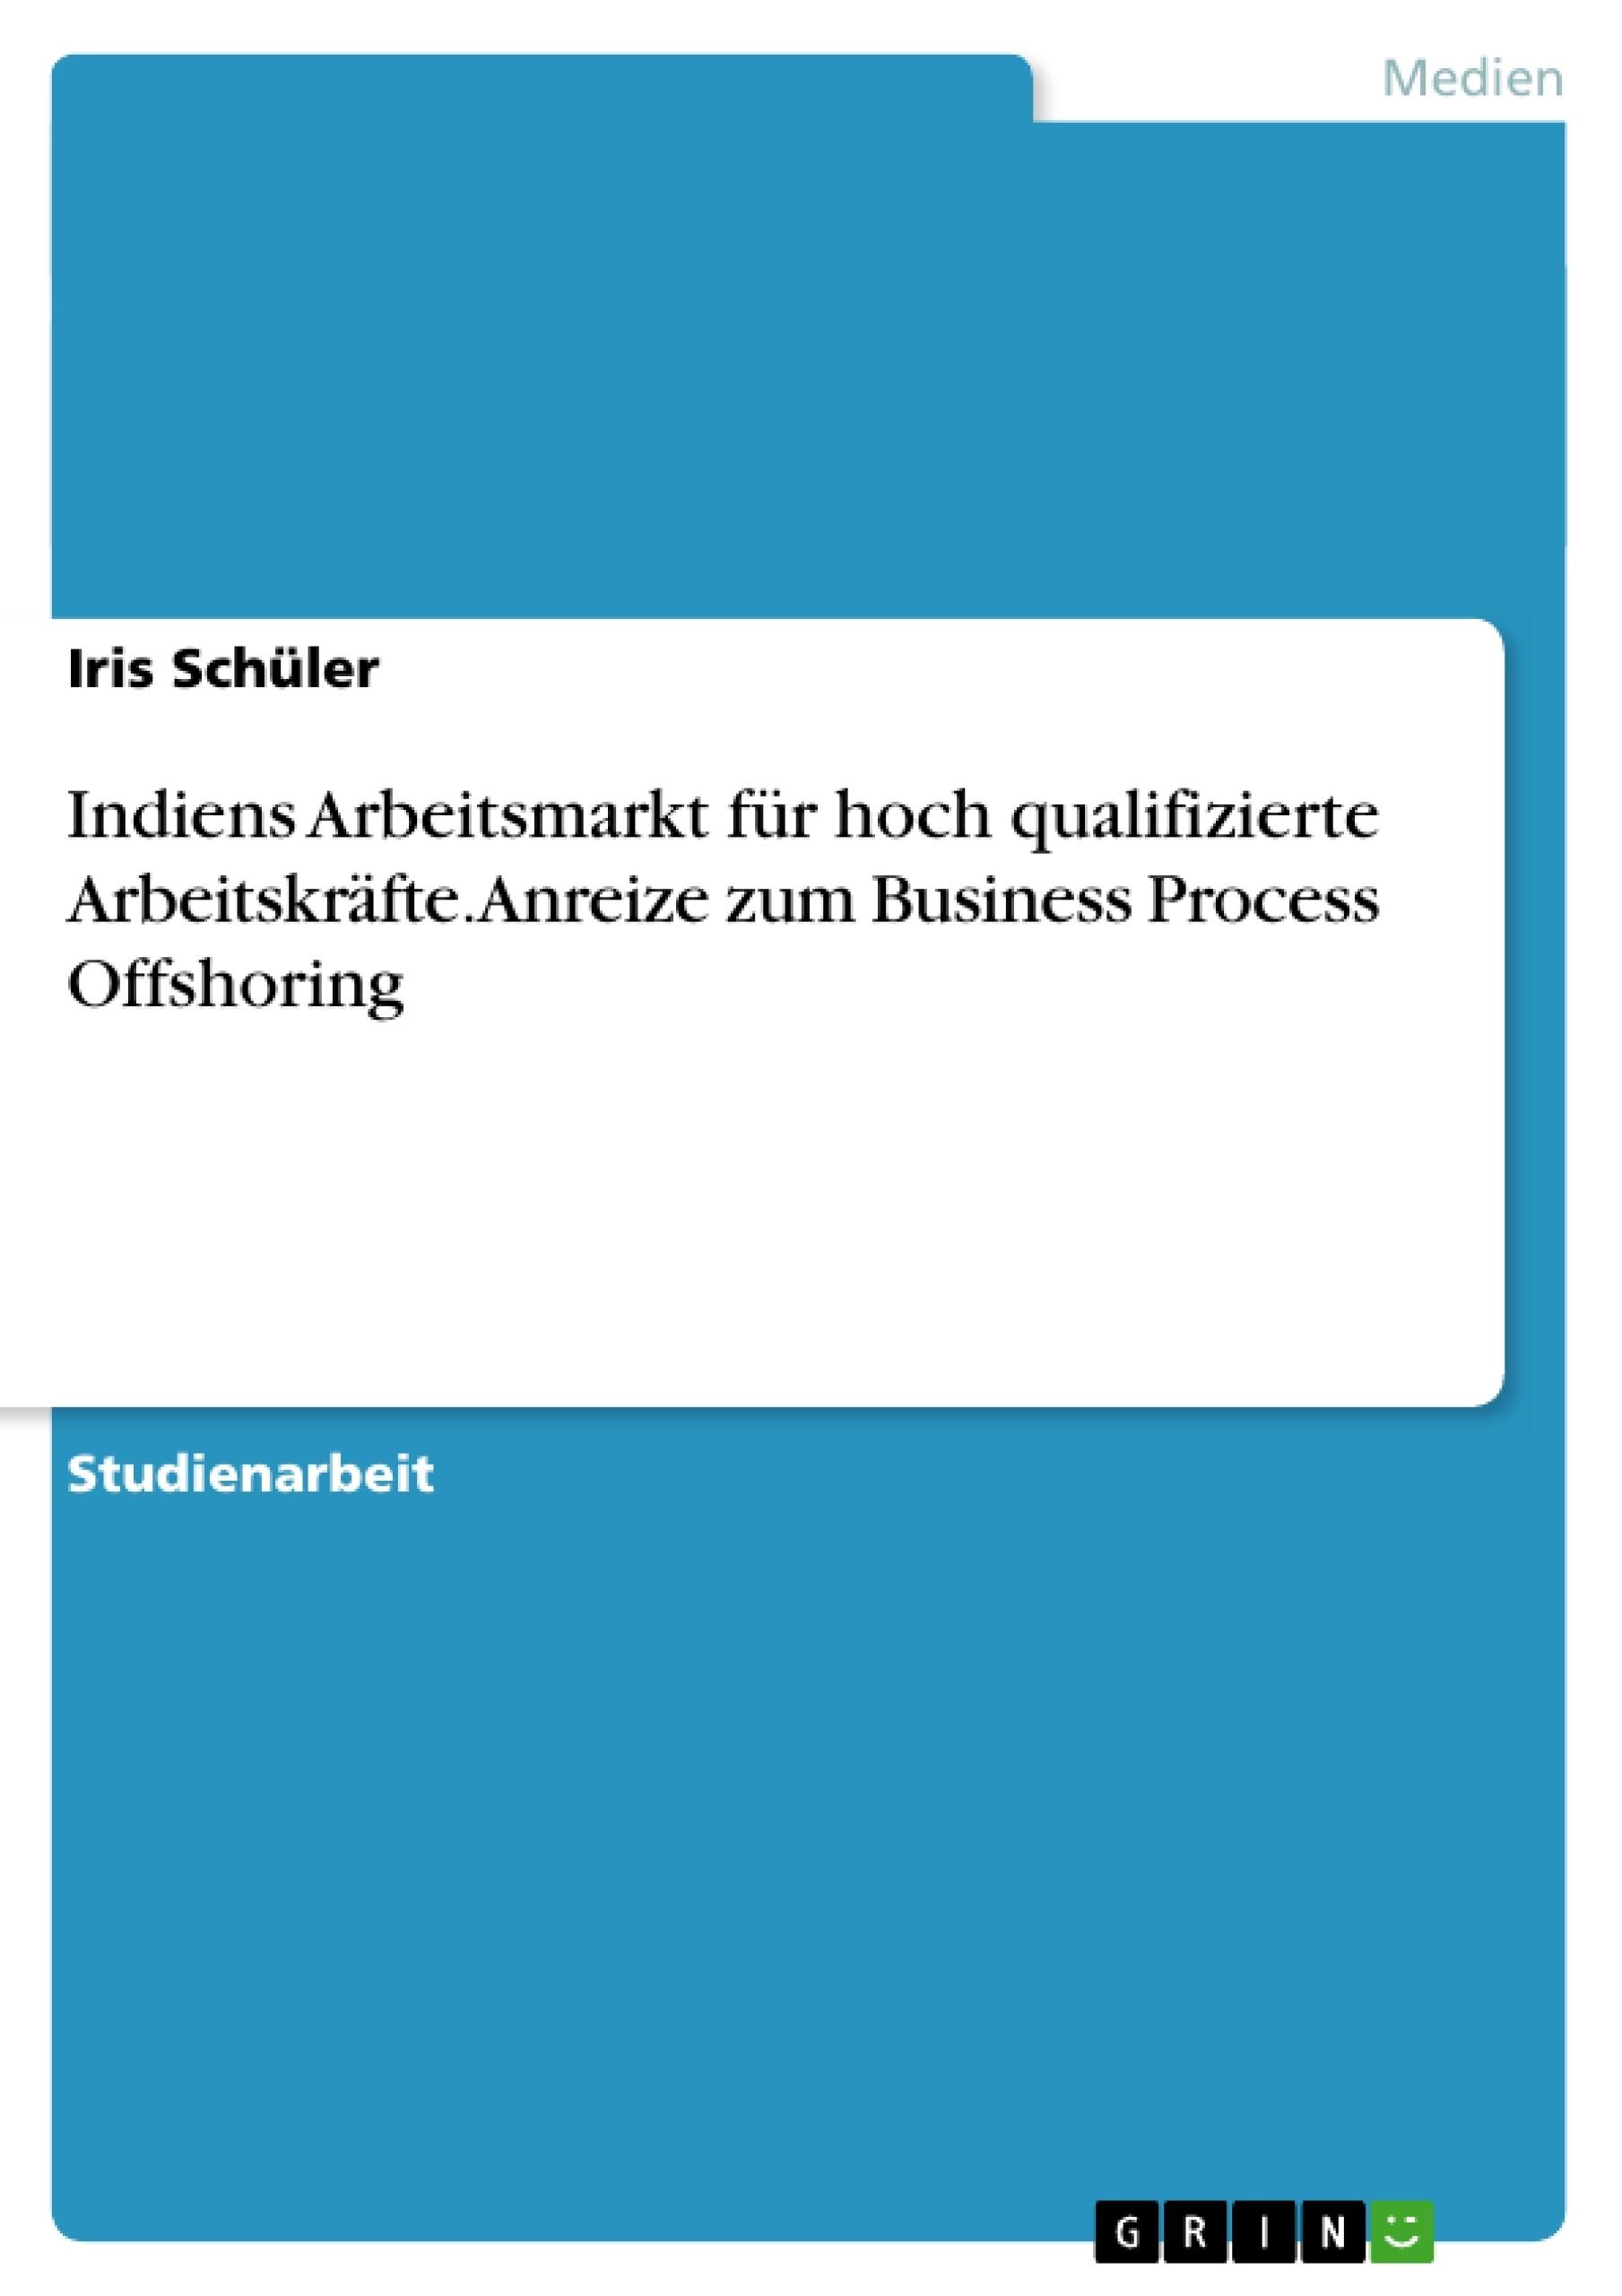 Titel: Indiens Arbeitsmarkt für hoch qualifizierte Arbeitskräfte. Anreize zum Business Process Offshoring